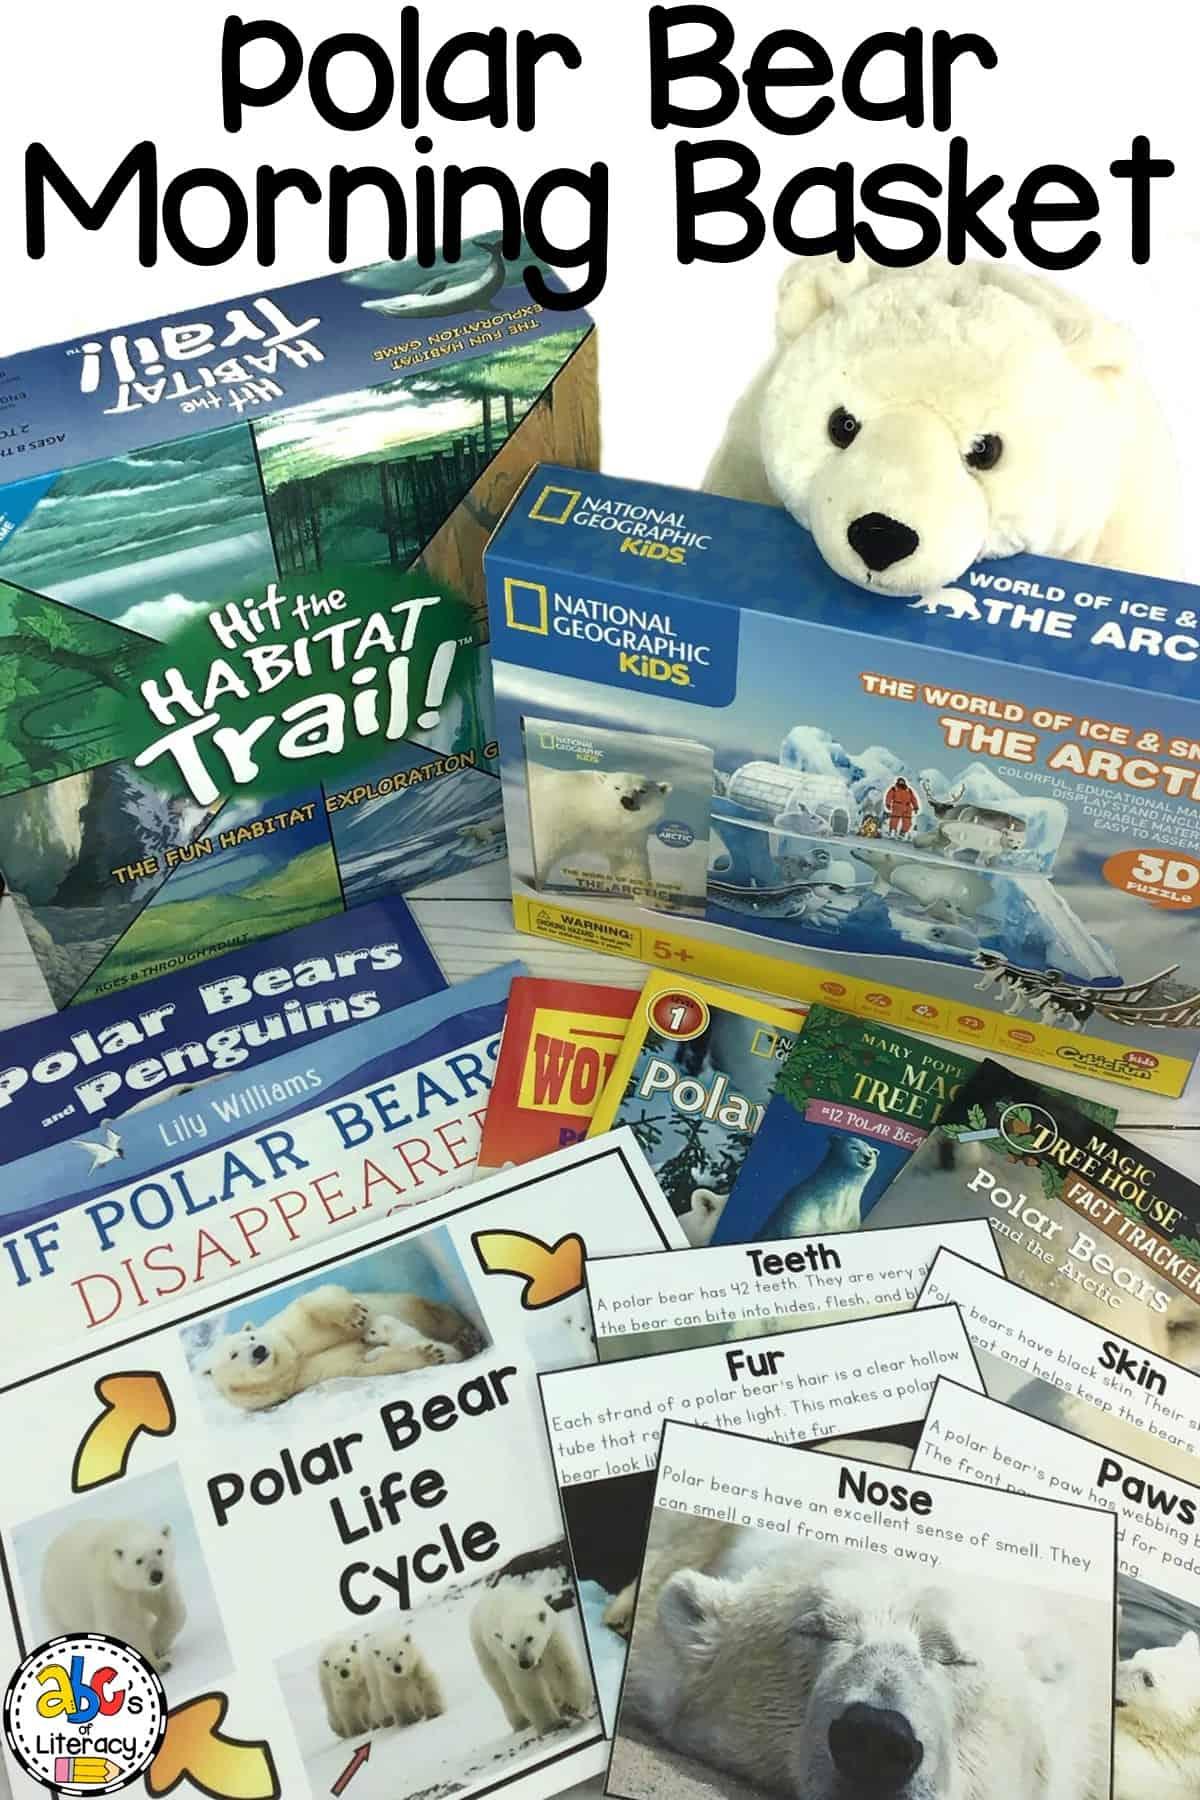 Polar Bear Morning Basket, January Morning Basket, Morning Basket